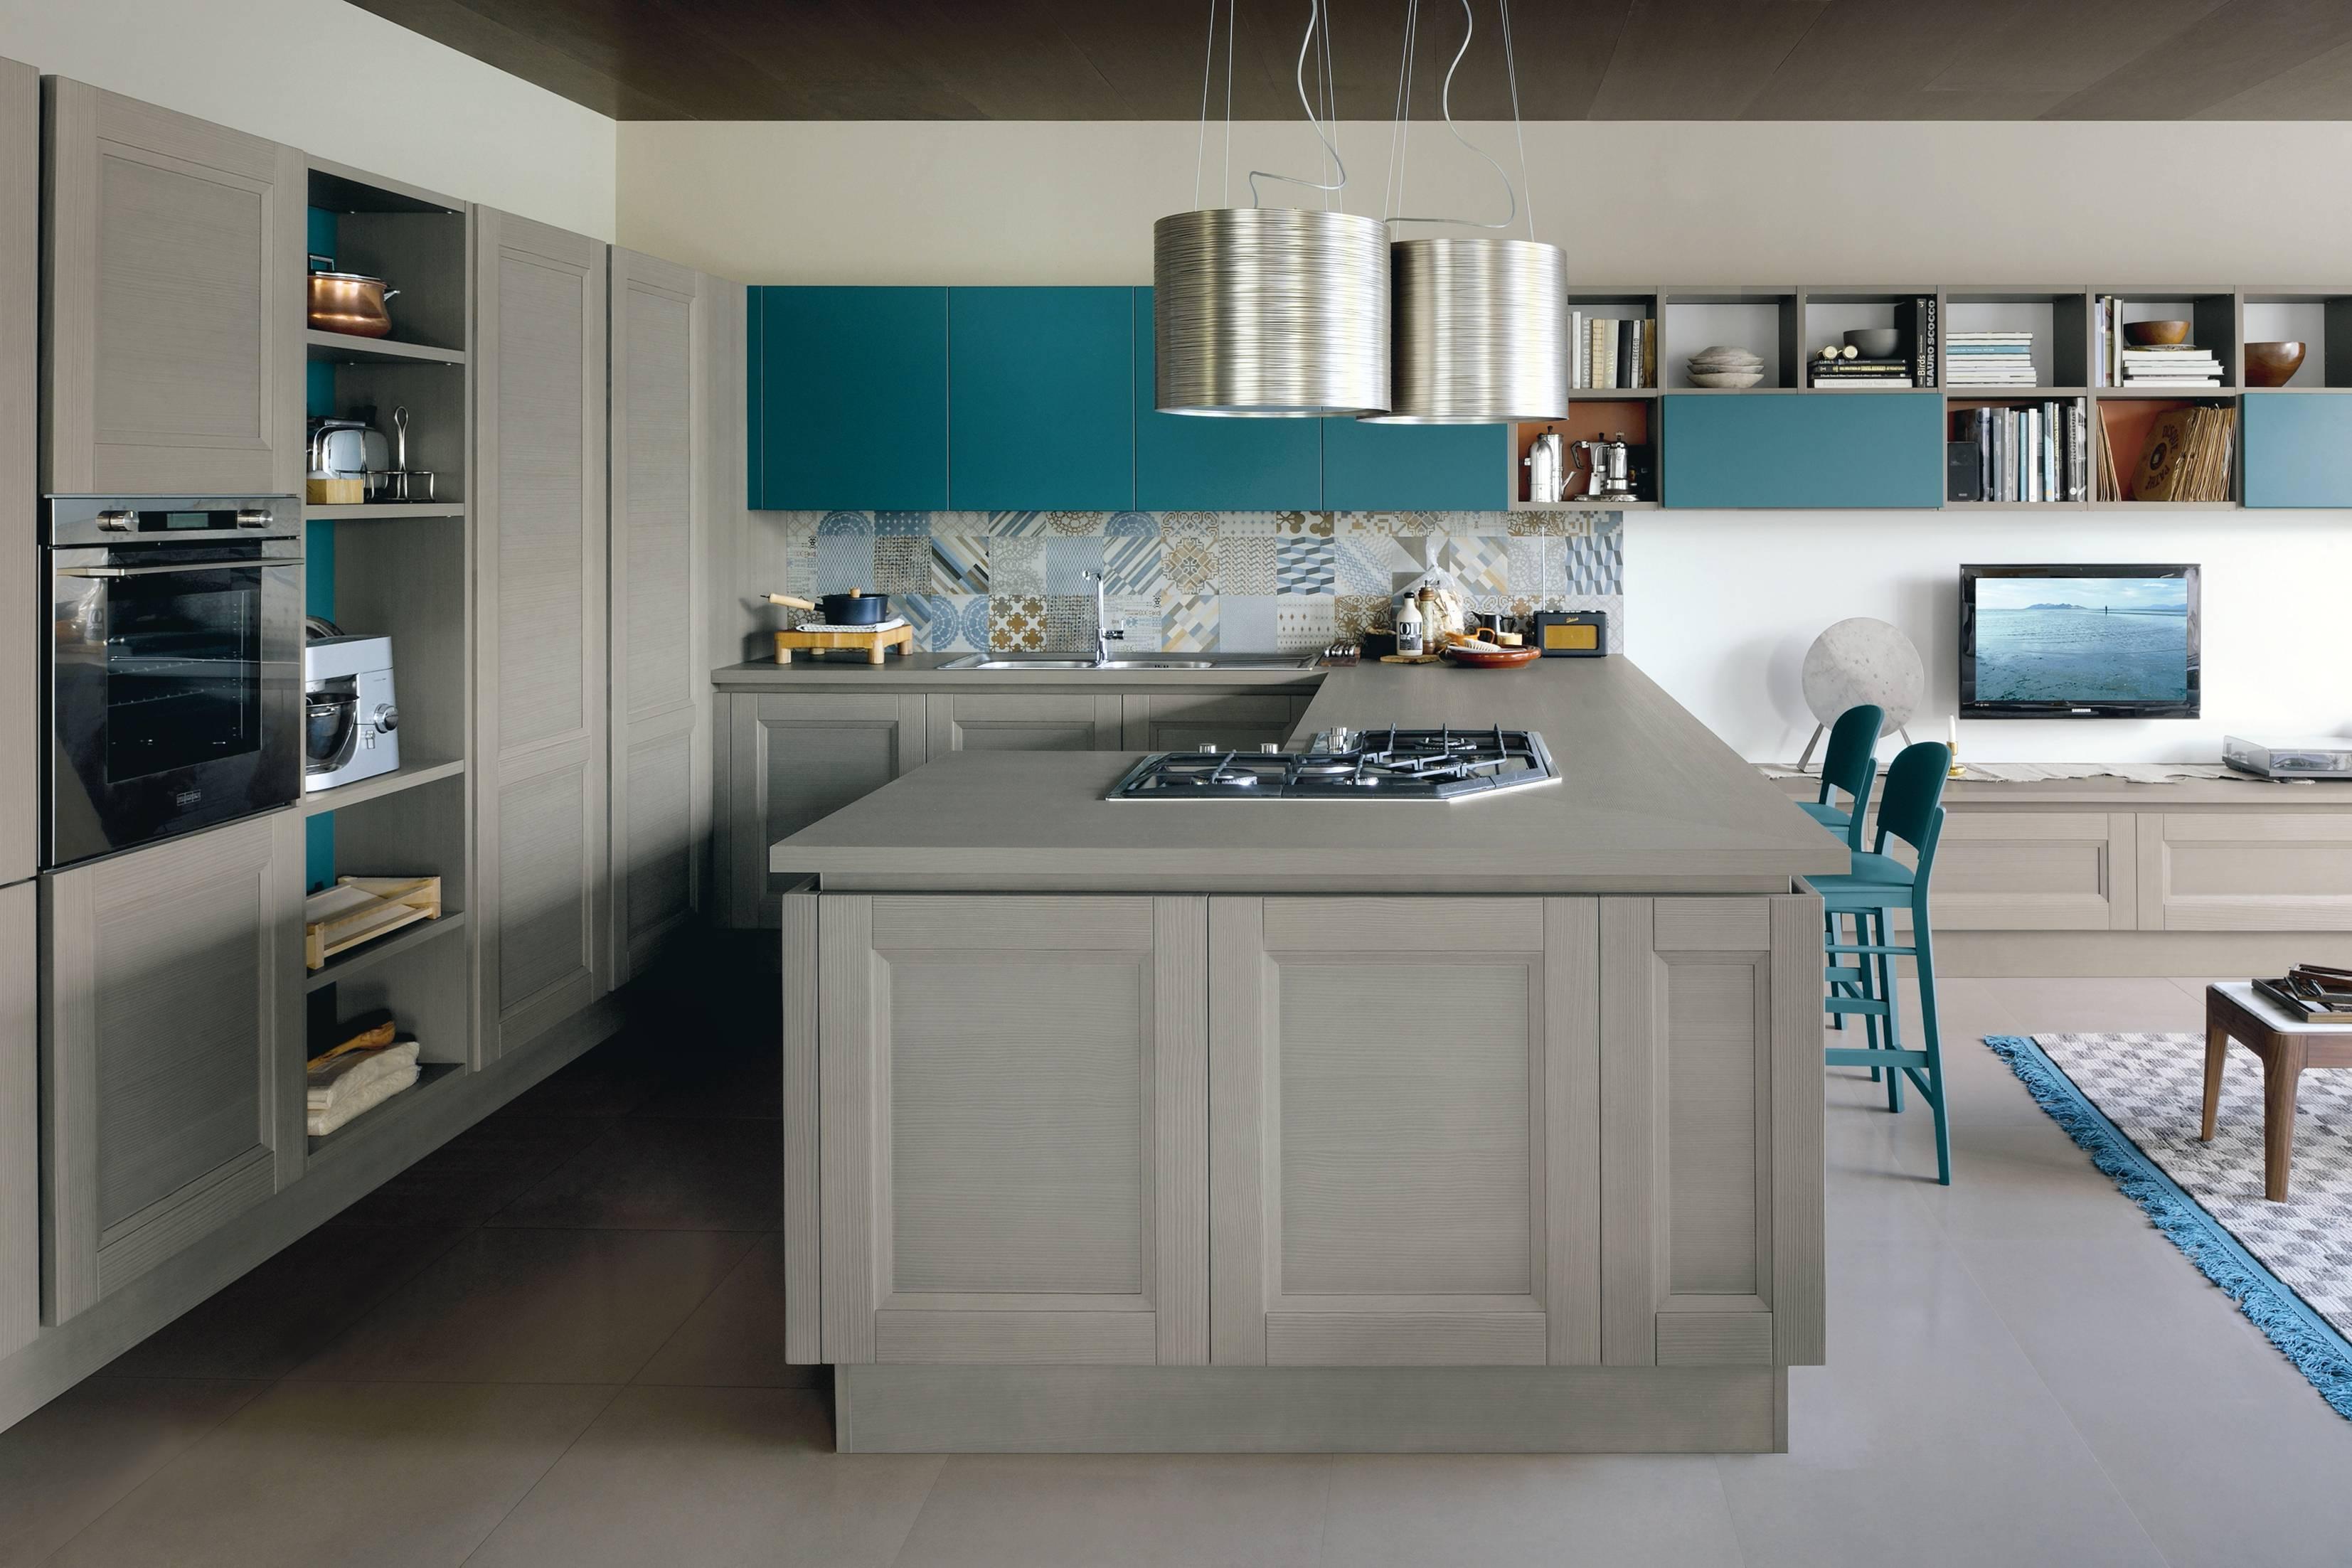 Misure Standard Piano Cottura Cucina cucine ad angolo ben sfruttate - cose di casa